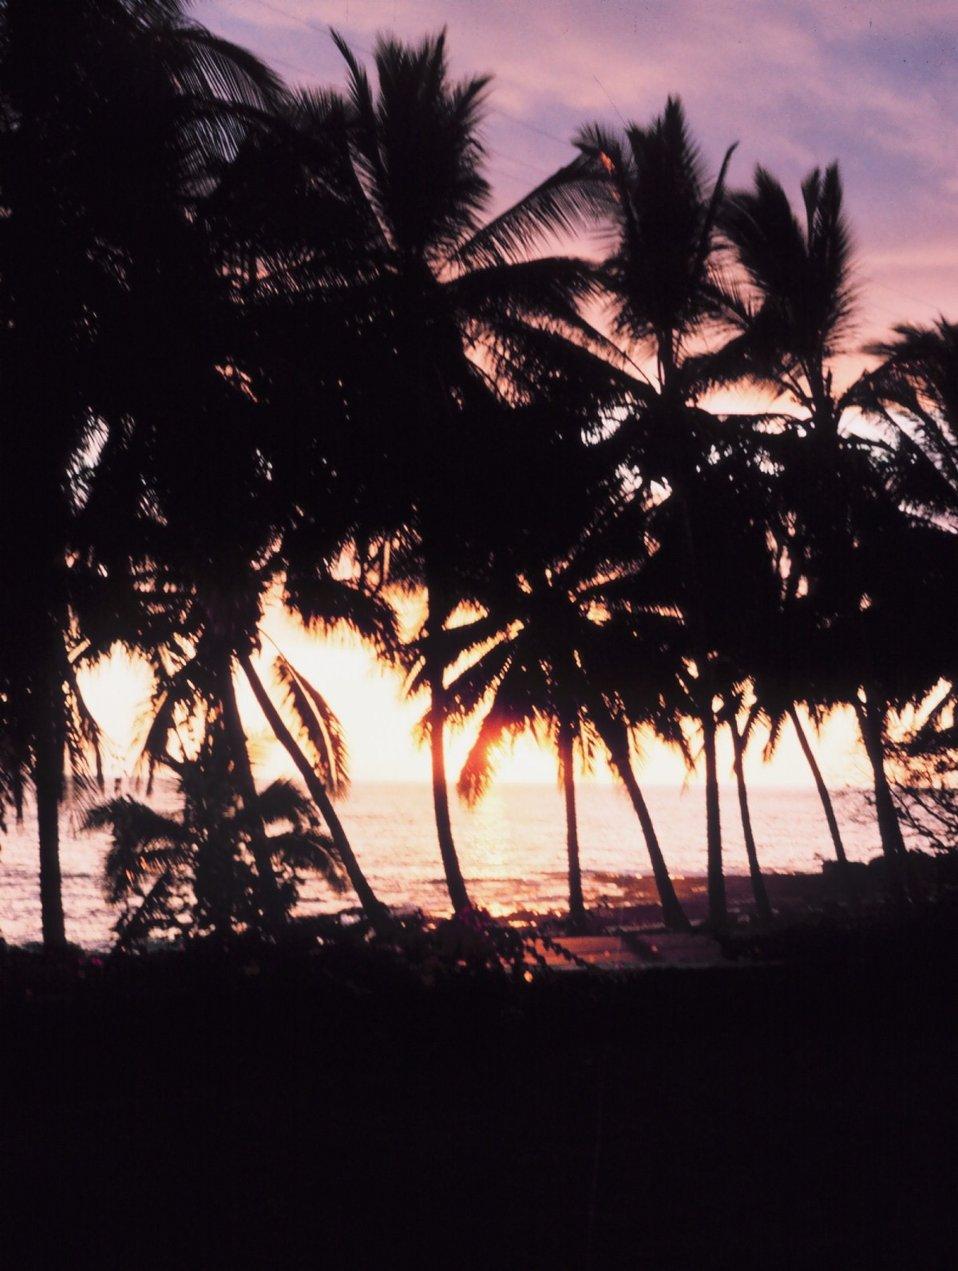 Kona White Sands